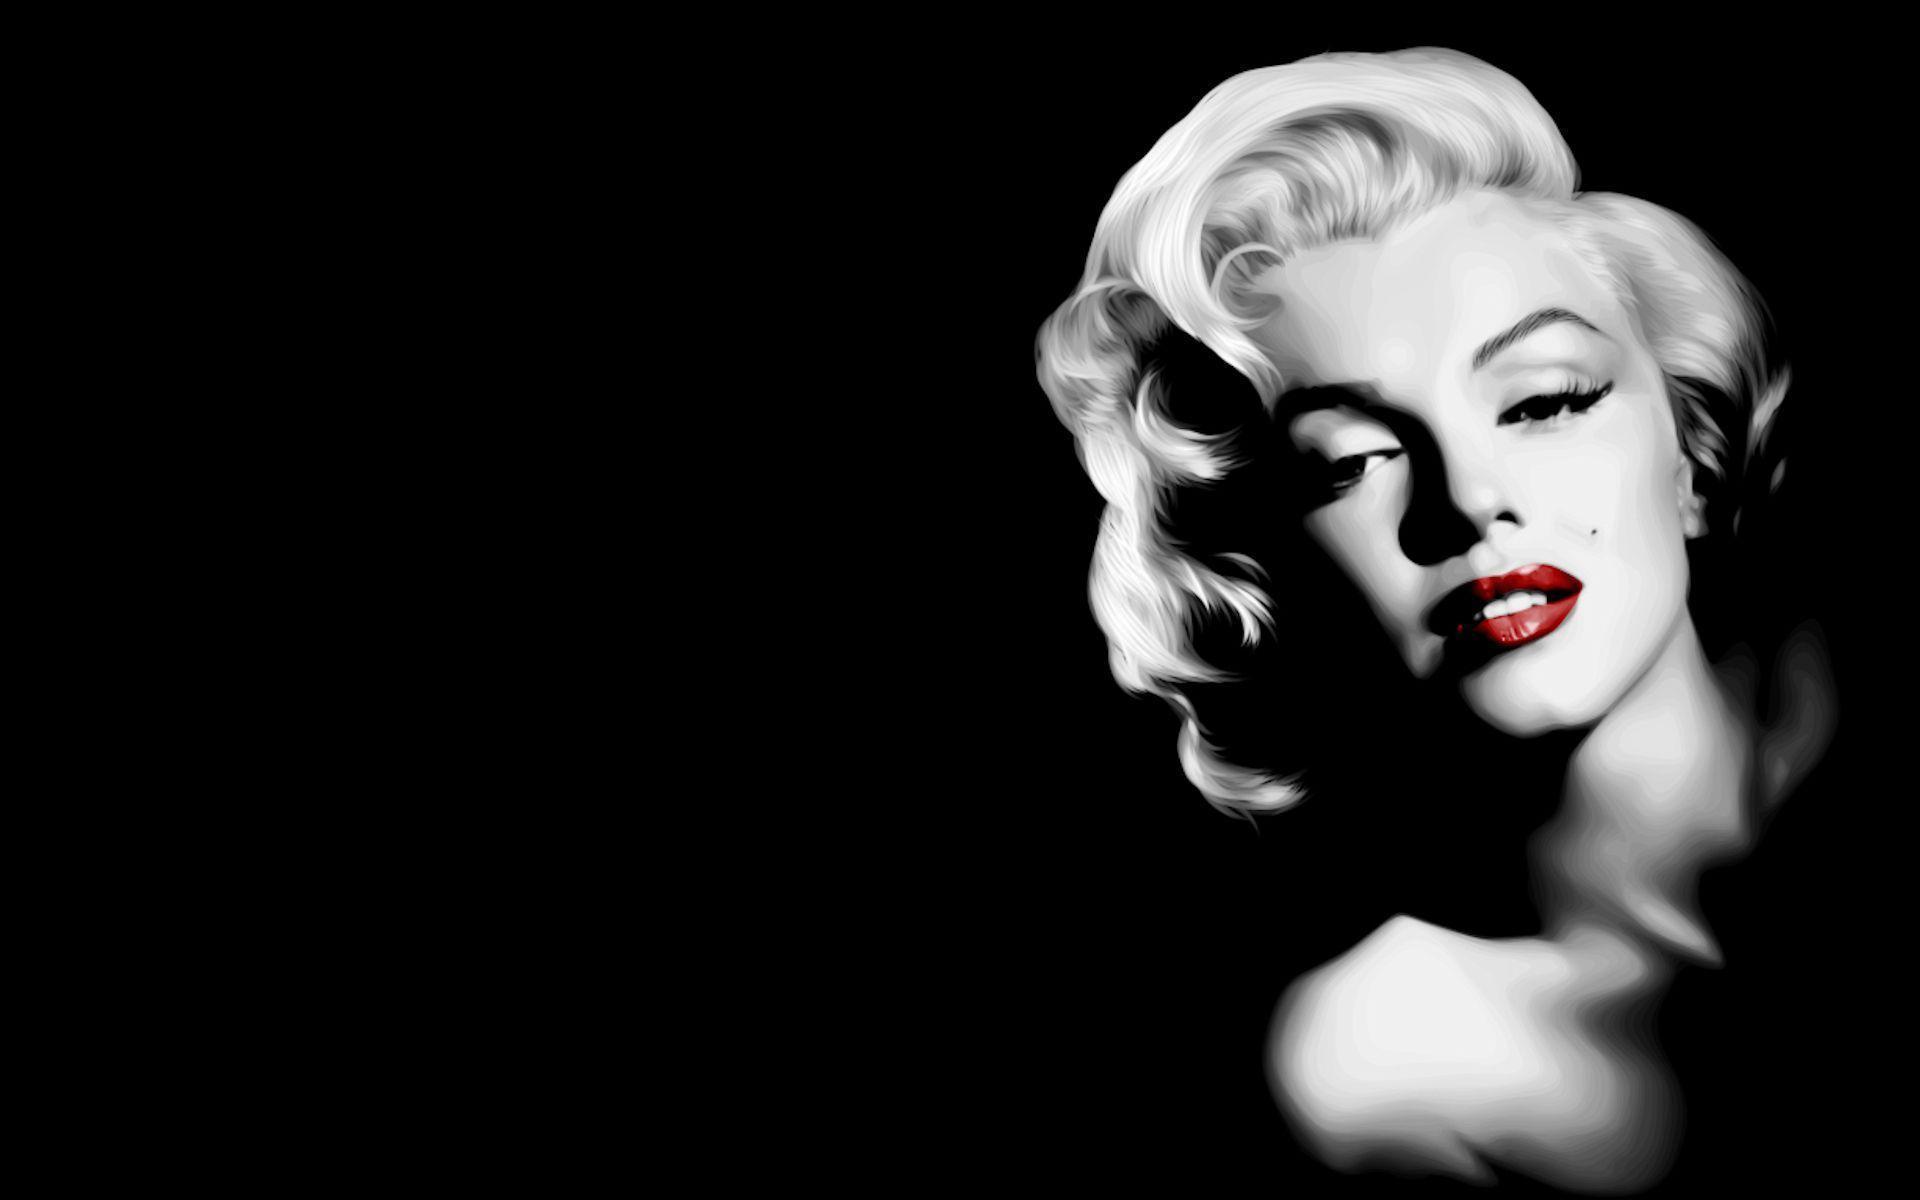 Marilyn Wallpapers - Full HD wallpaper search